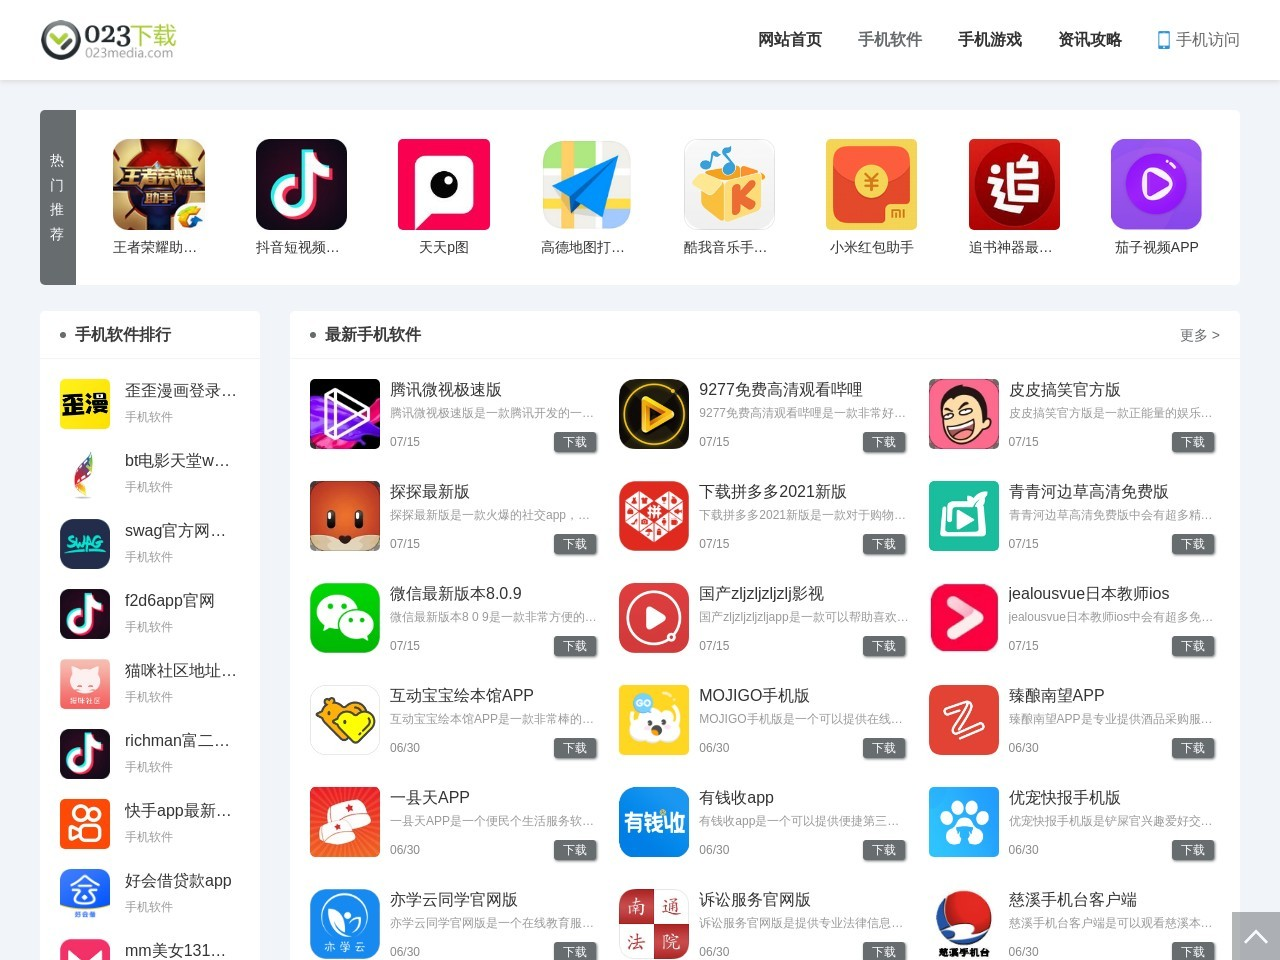 重庆旅游_商务陪游_私人导游_旅游攻略「旅游天下网」